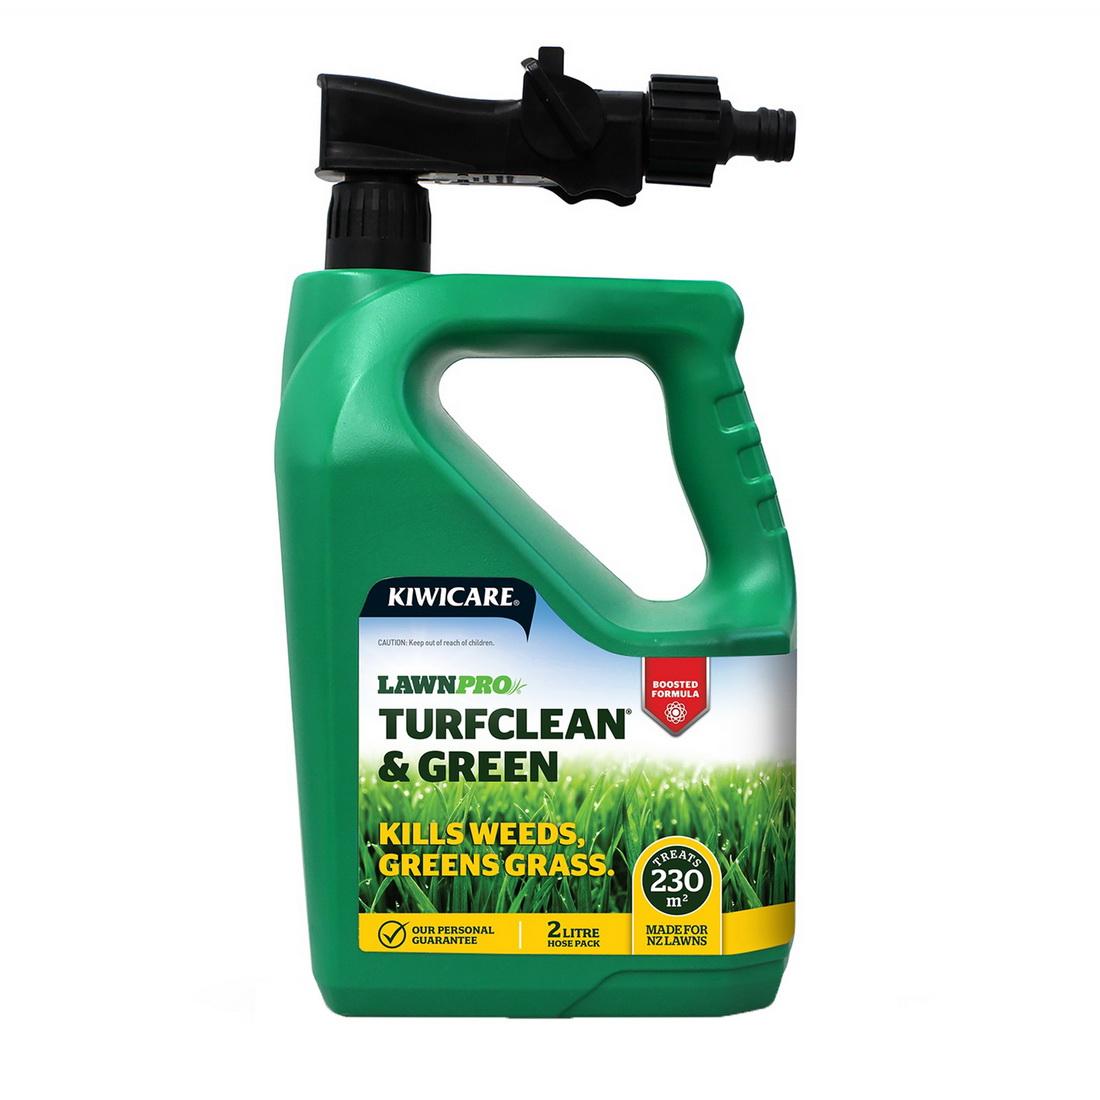 Lawnpro Turfclean & Herbicide Hose Pack Lawn Pest Control 2 L Brown Transparent G40127